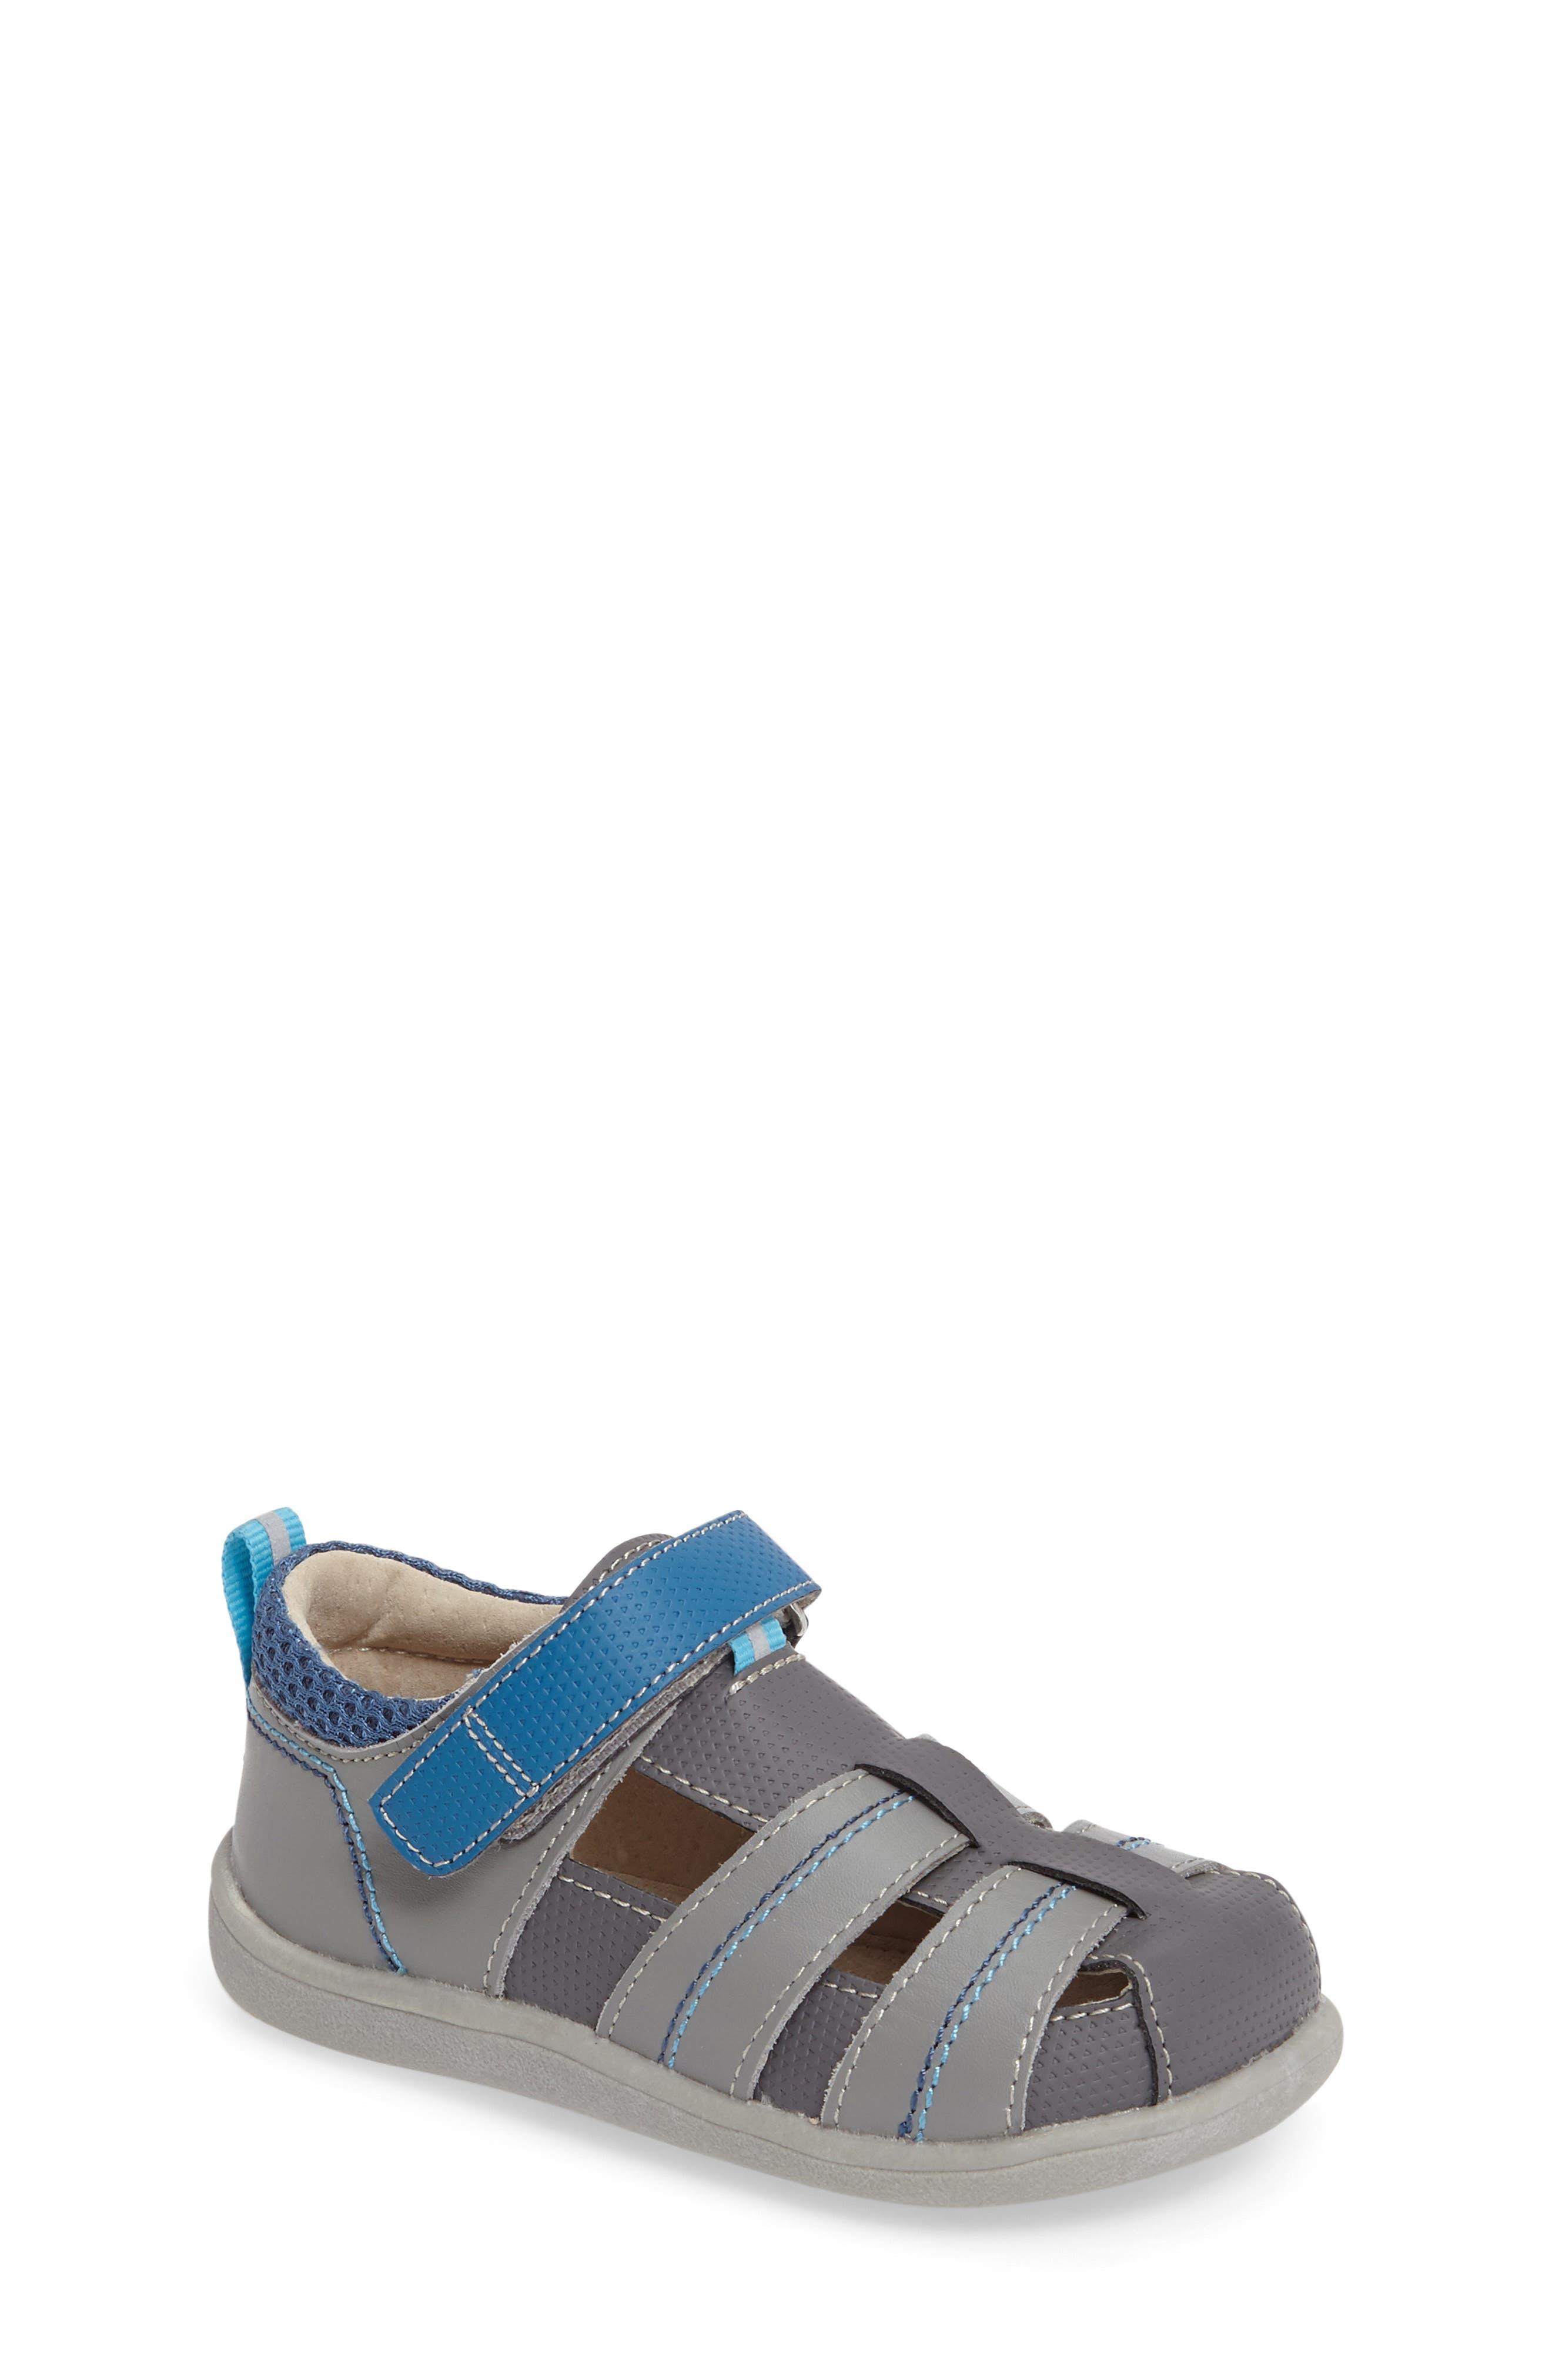 See Kai Run 'Ryan II' Leather Sandal (Baby, Walker & Toddler)